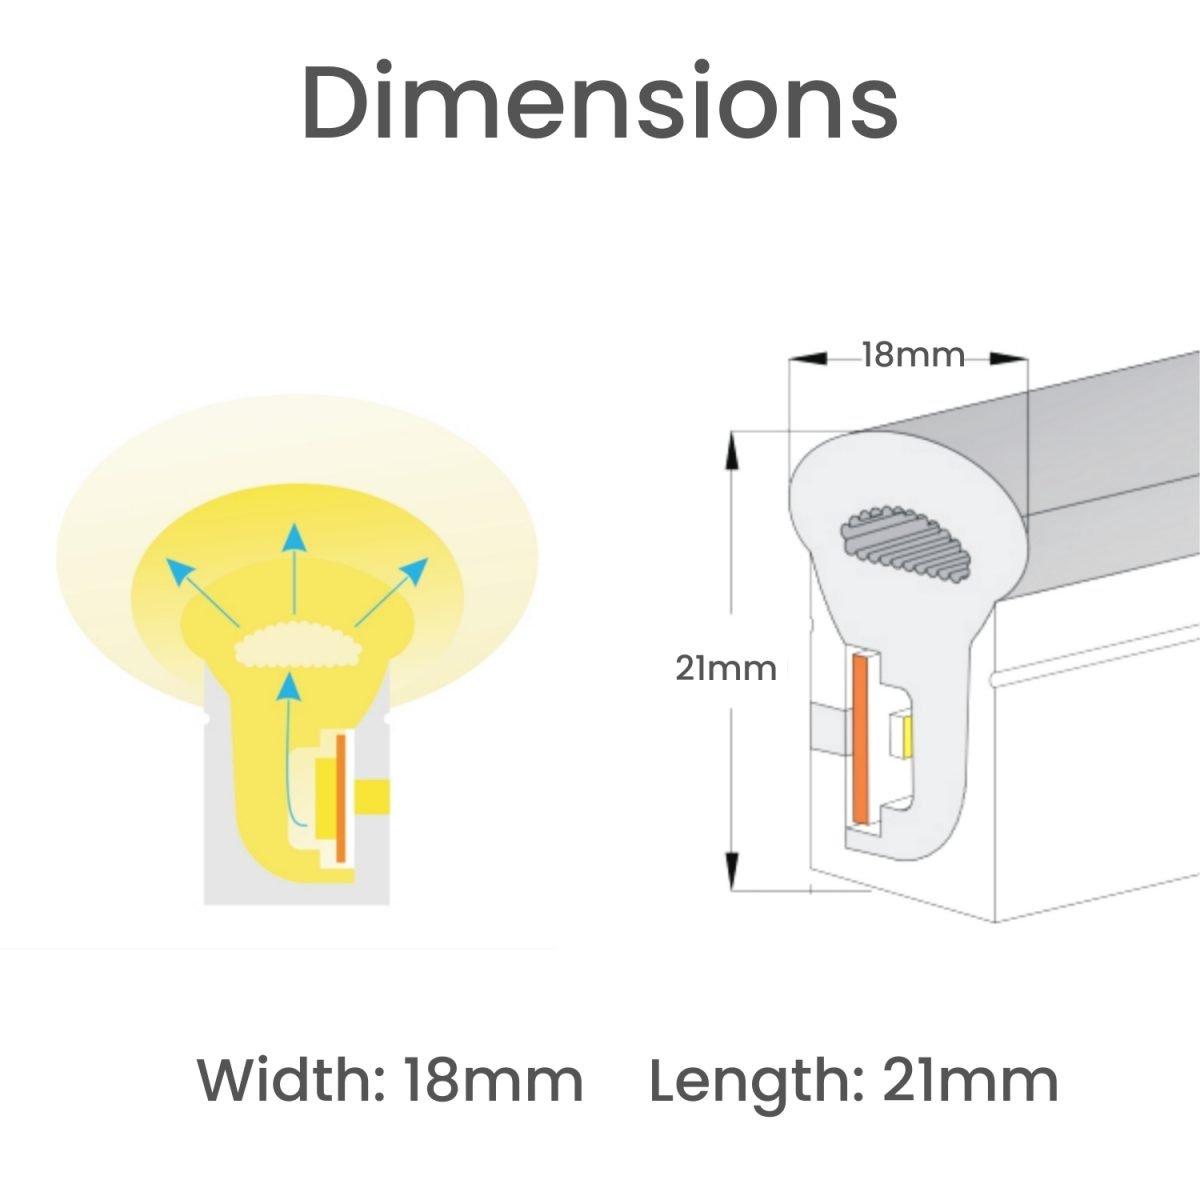 ATOM LED RGB Neon Flex 18 x 21 mm 220v - www.ukledlights.co.uk (1)